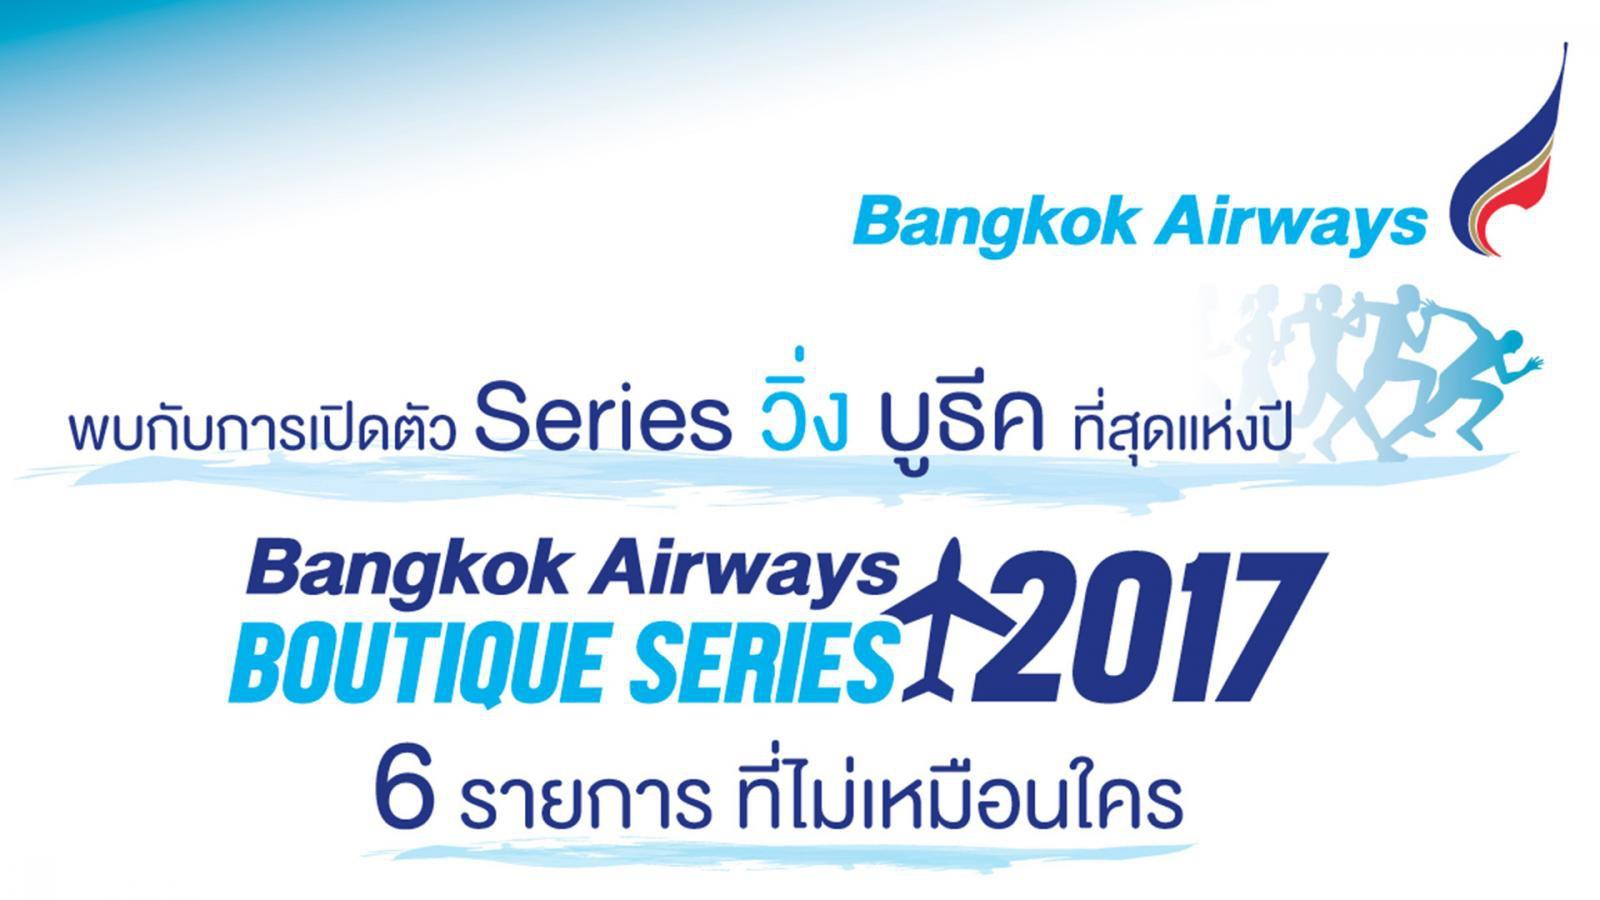 พบกับการเปิดตัว Series วิ่ง บูธีค ที่สุดแห่งปี Bangkok Airways Boutique Series 2017 - 6 รายการวิ่ง ที่ไม่เหมือนใคร